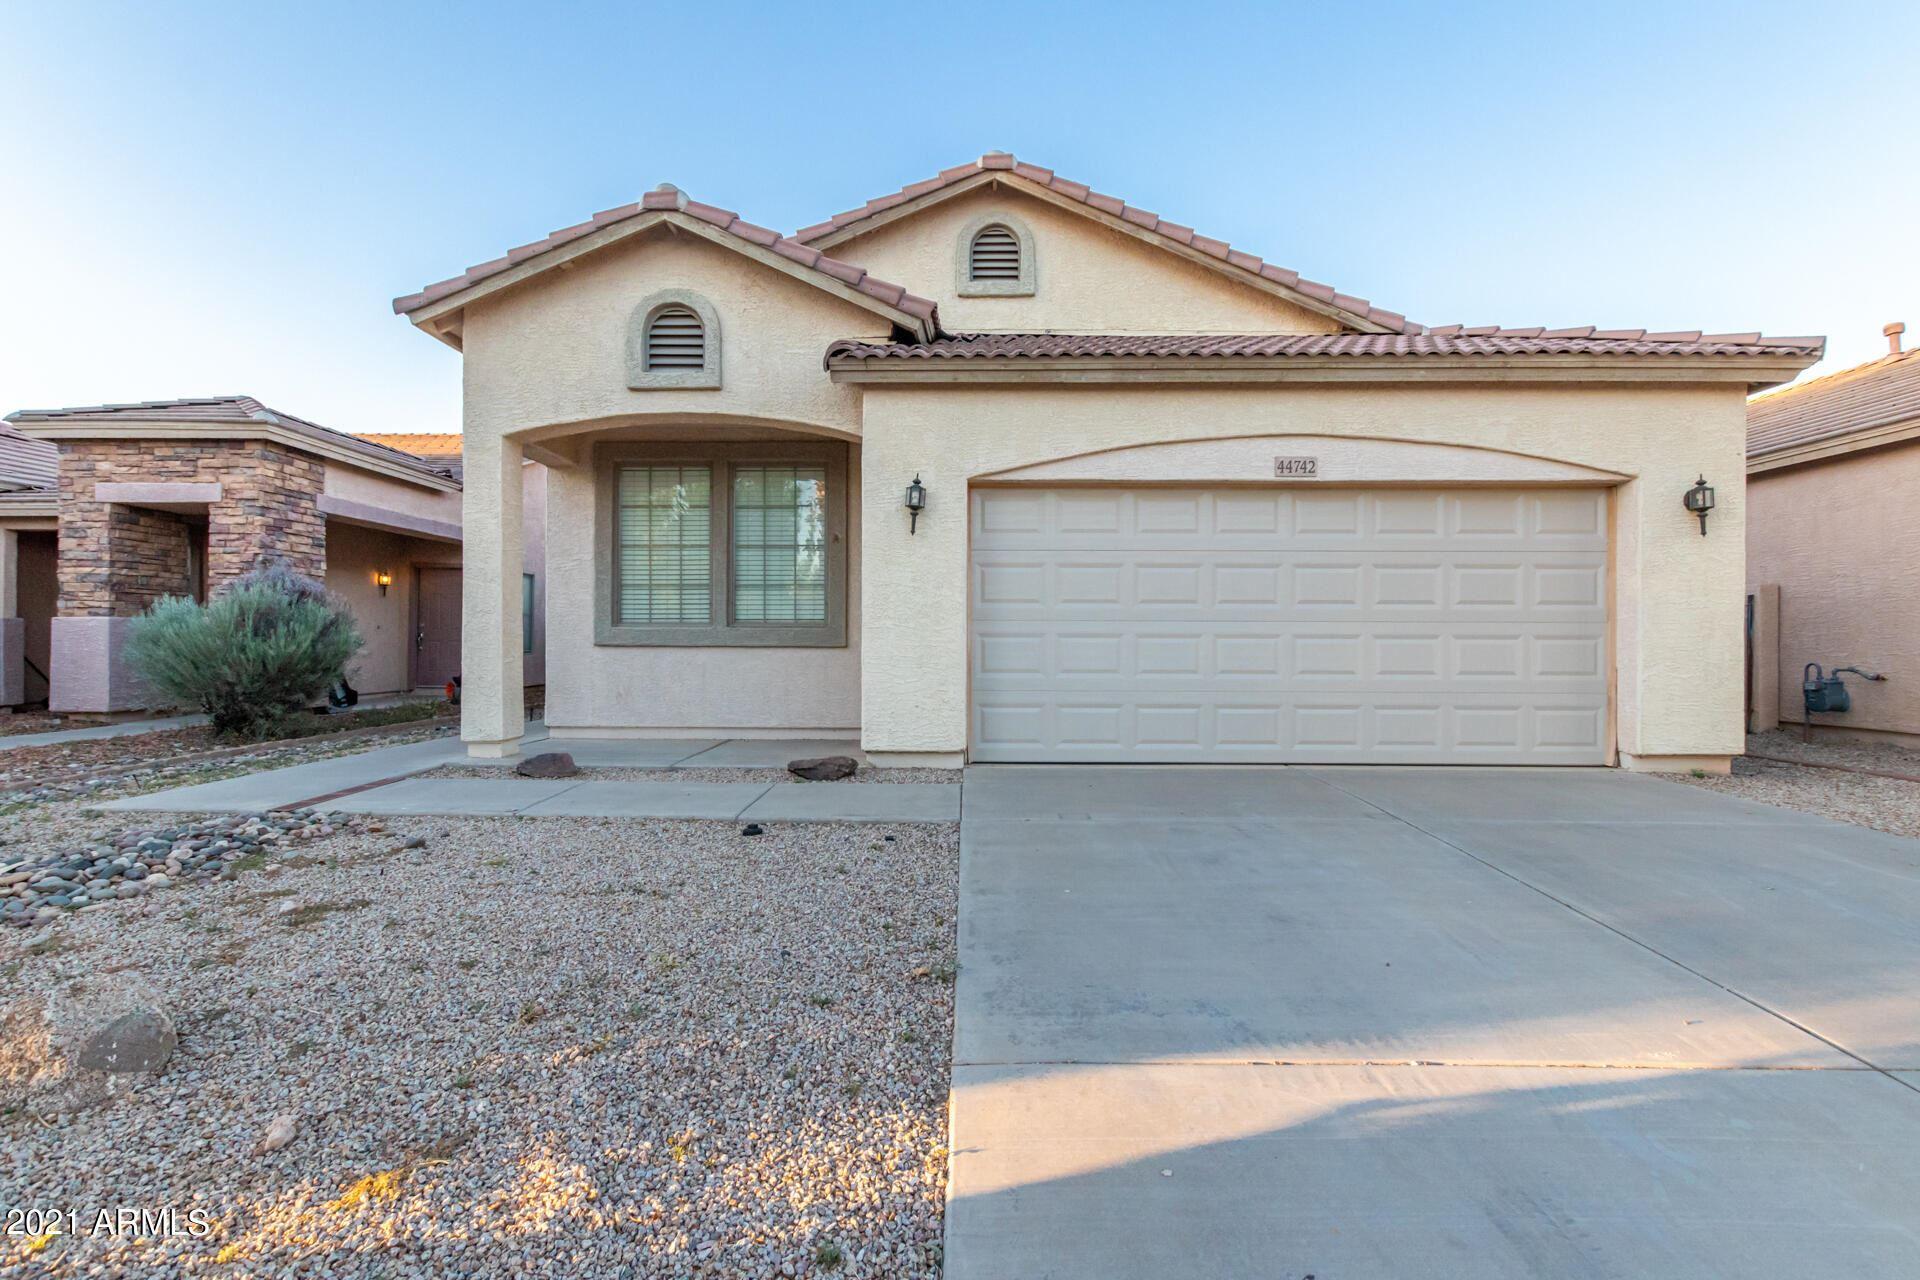 44742 W ALAMENDRAS Street, Maricopa, AZ 85139 - #: 6308563